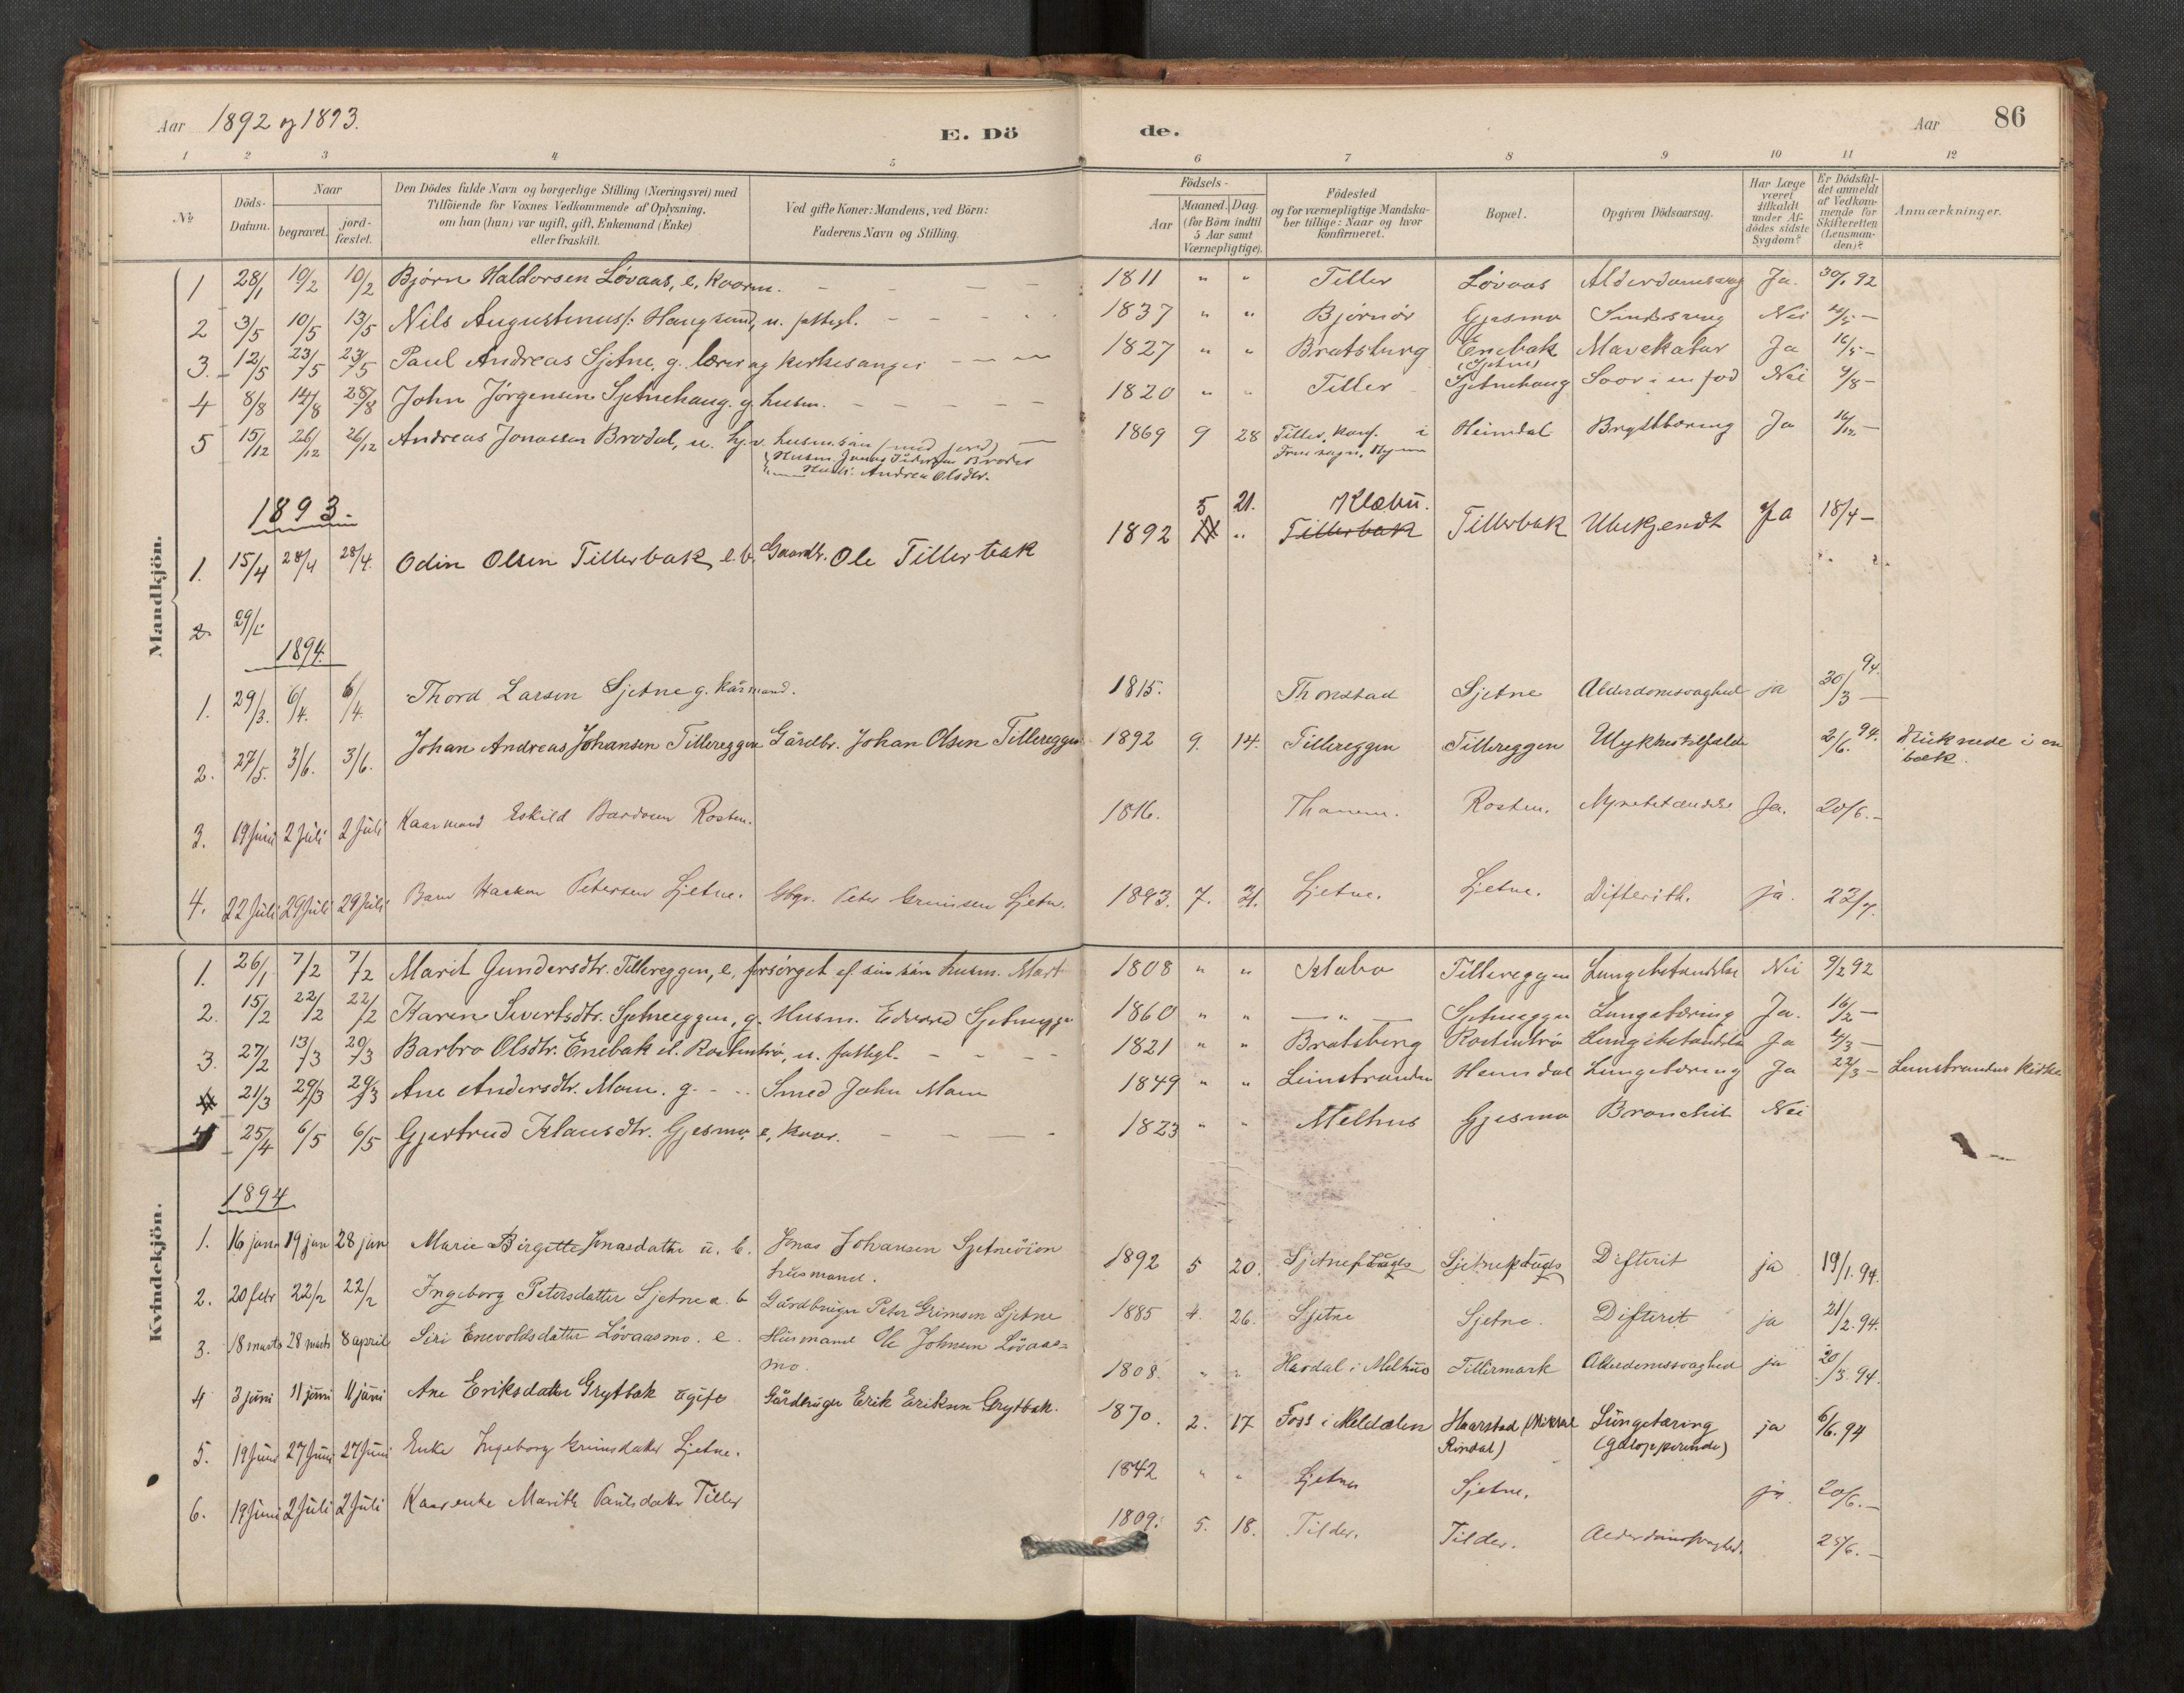 SAT, Klæbu sokneprestkontor, Parish register (official) no. 1, 1880-1900, p. 86